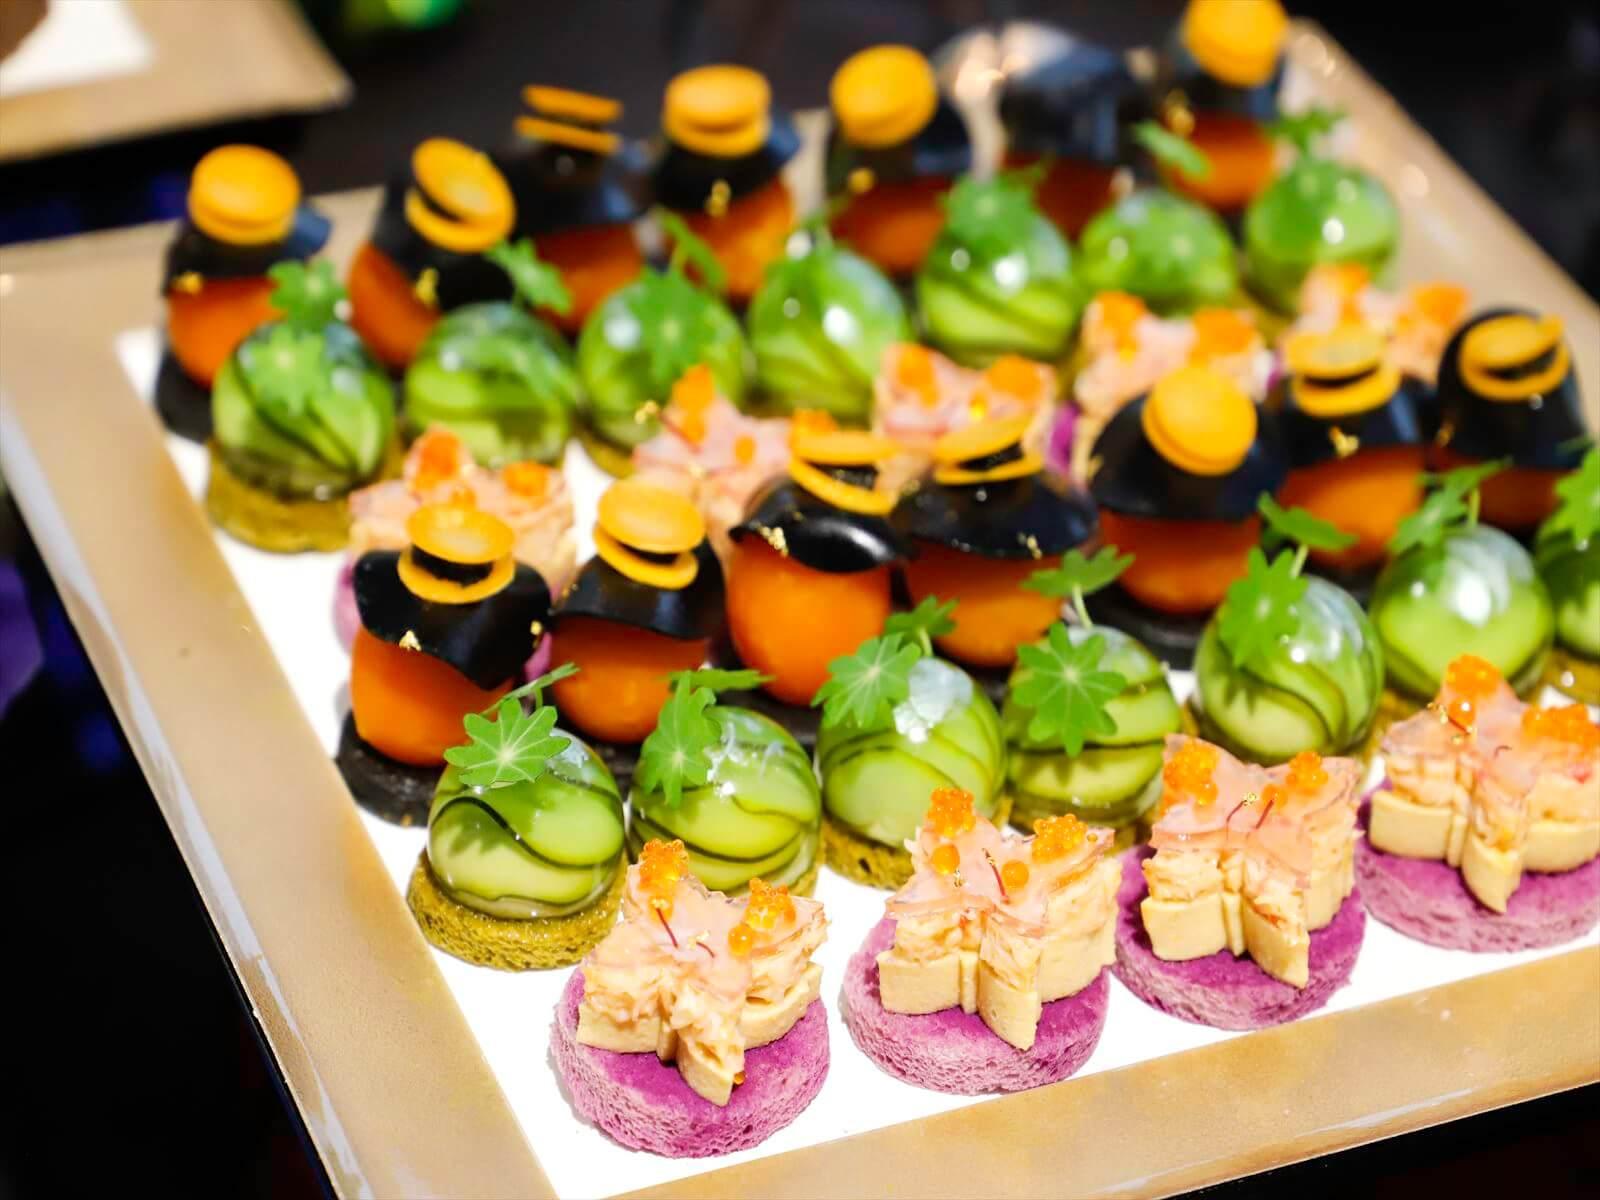 【ラグジュアリー】特製創作寿司つき!フォリクラッセの本格パーティー向け豪華ケータリングプラン画像1